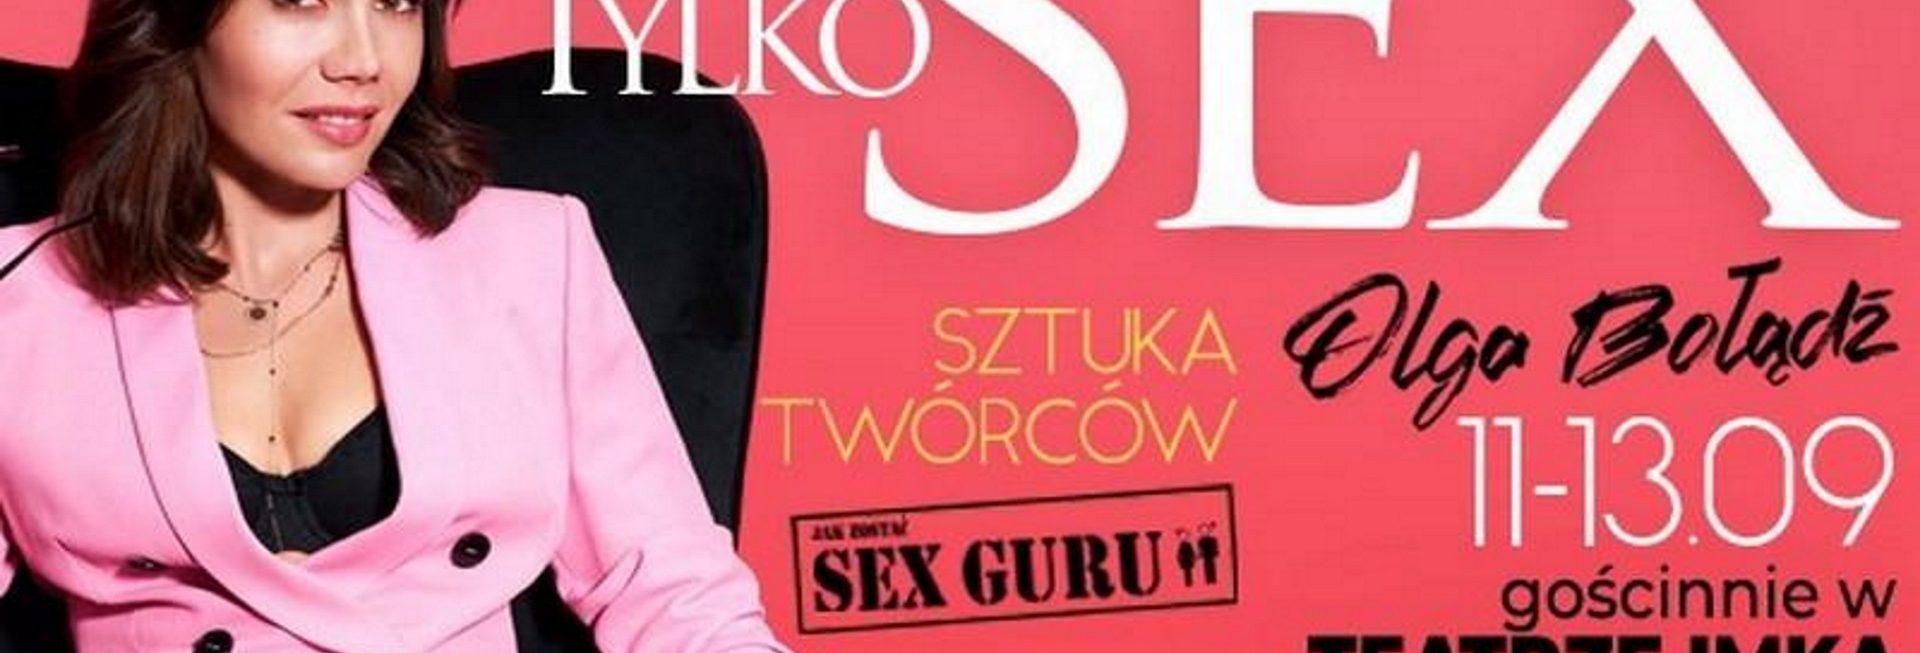 Zdjęcie - Plakat na który widoczna jest aktorka Olga Bołądź. Na plakacie są napisy zapraszające na spektakl. Tło plakatu kolor czerwony.